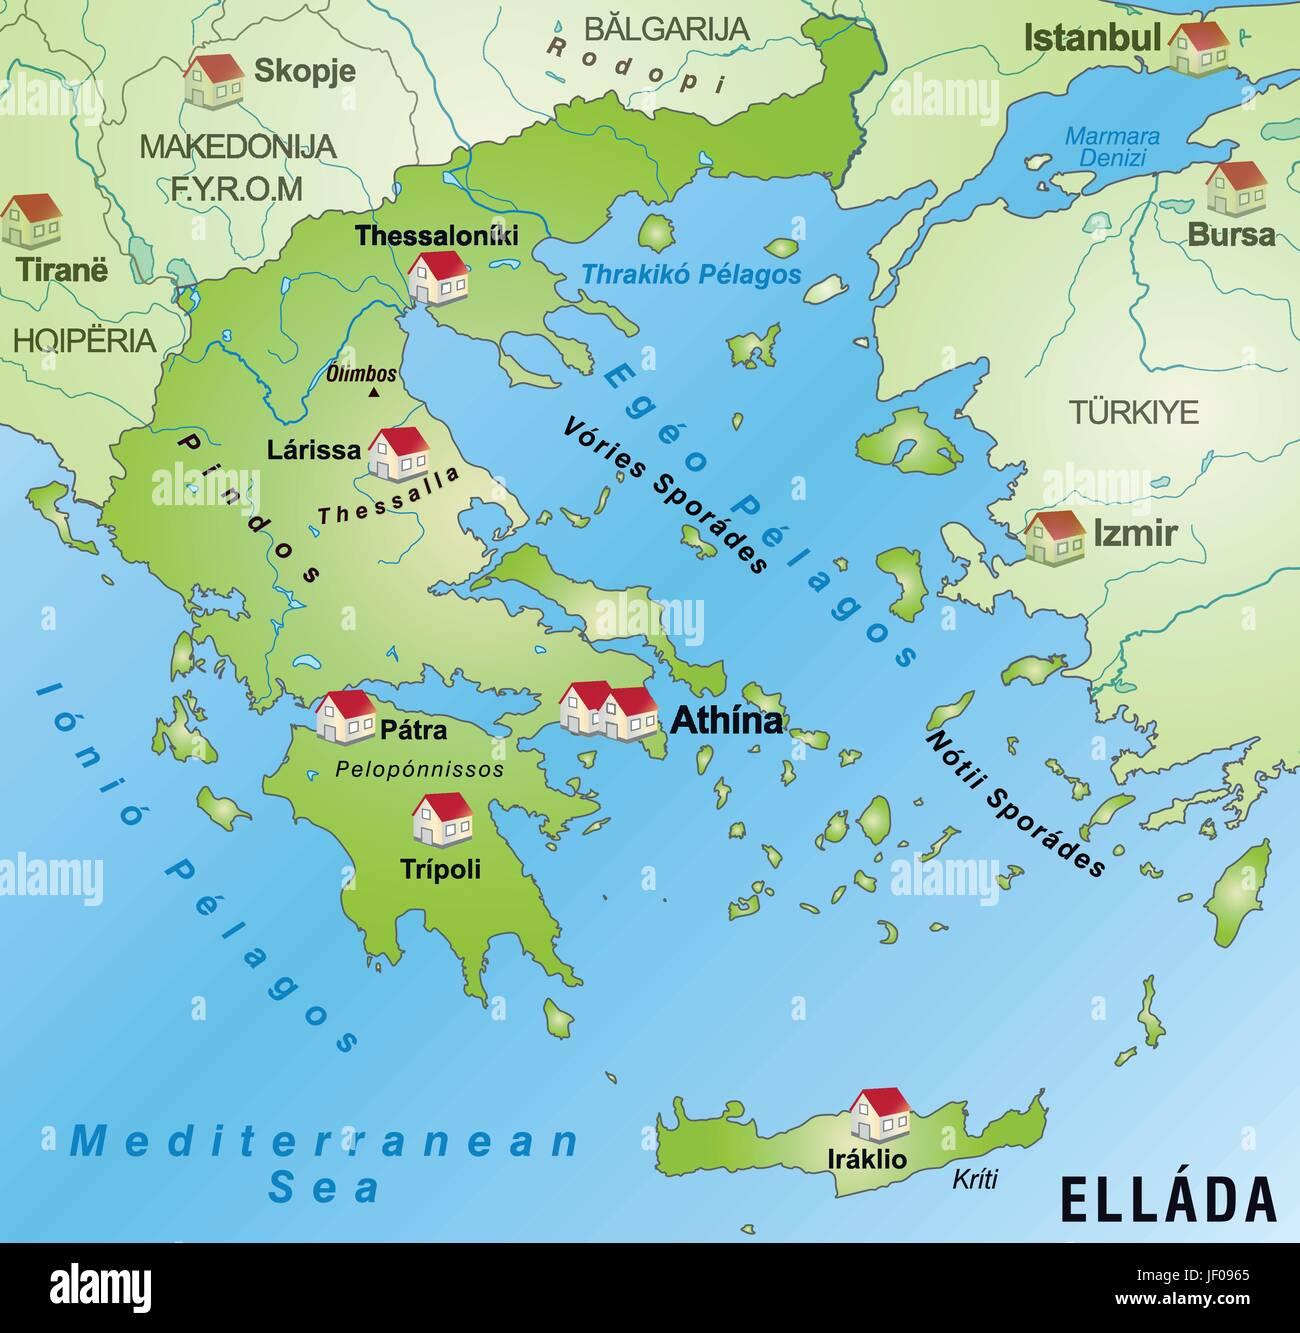 Greece border card synopsis borders atlas map of the world greece border card synopsis borders atlas map of the world map gumiabroncs Image collections